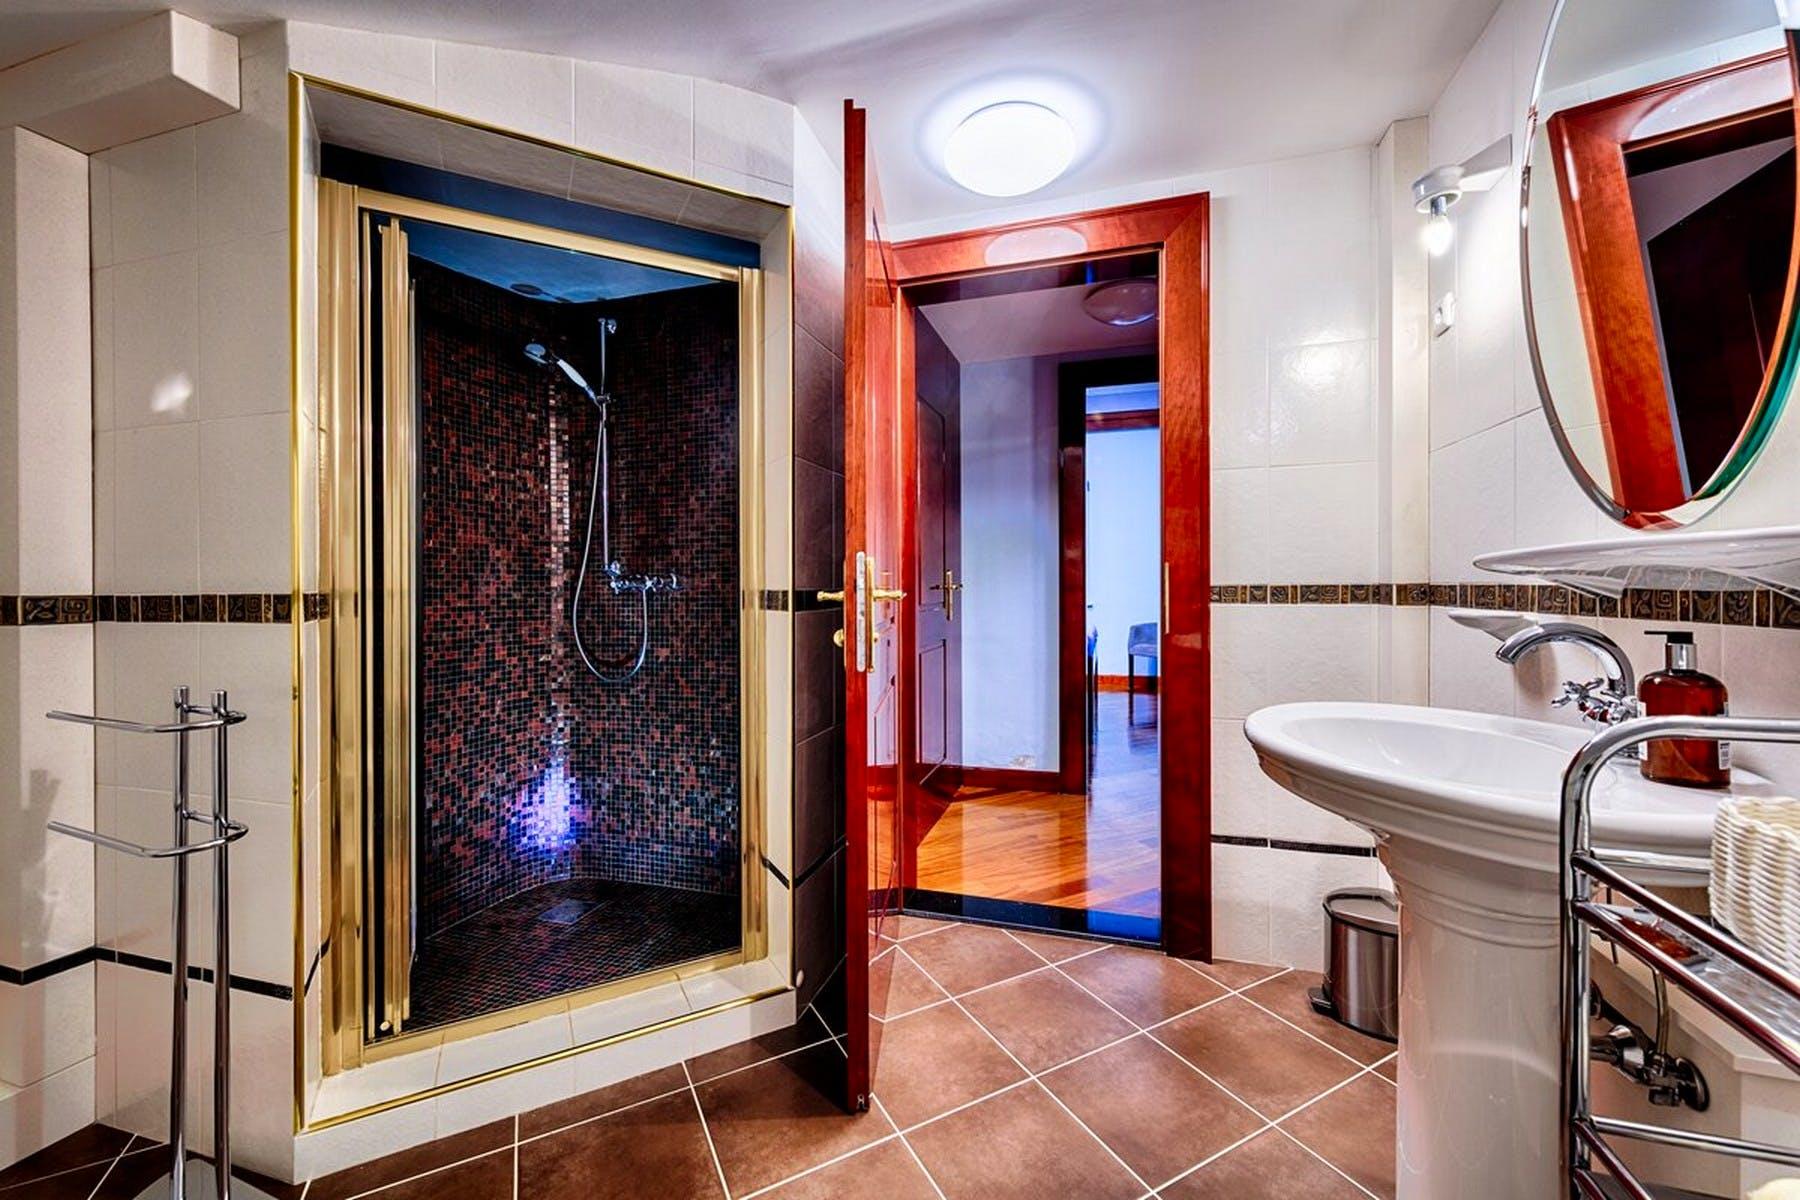 Moderno opremljena kupaonica